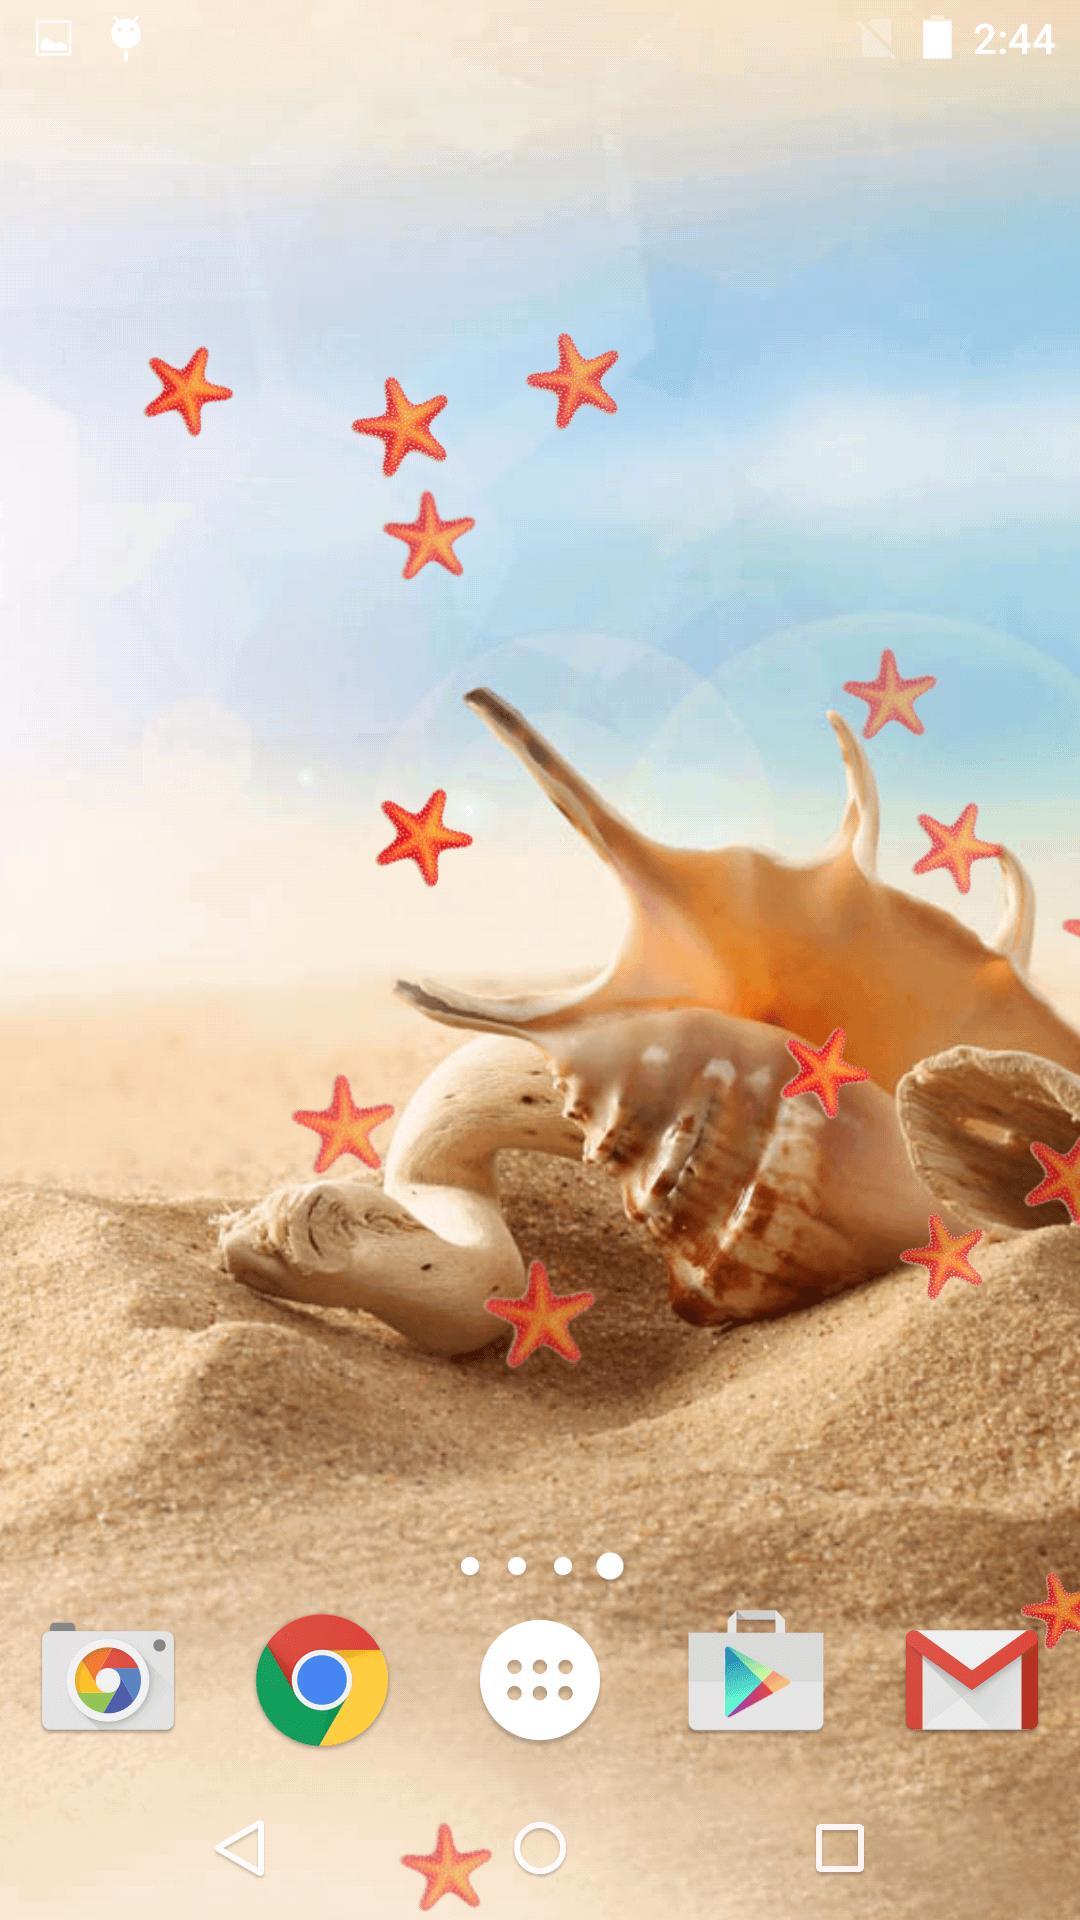 Conchiglia Di Mare Sfondi Hd For Android Apk Download